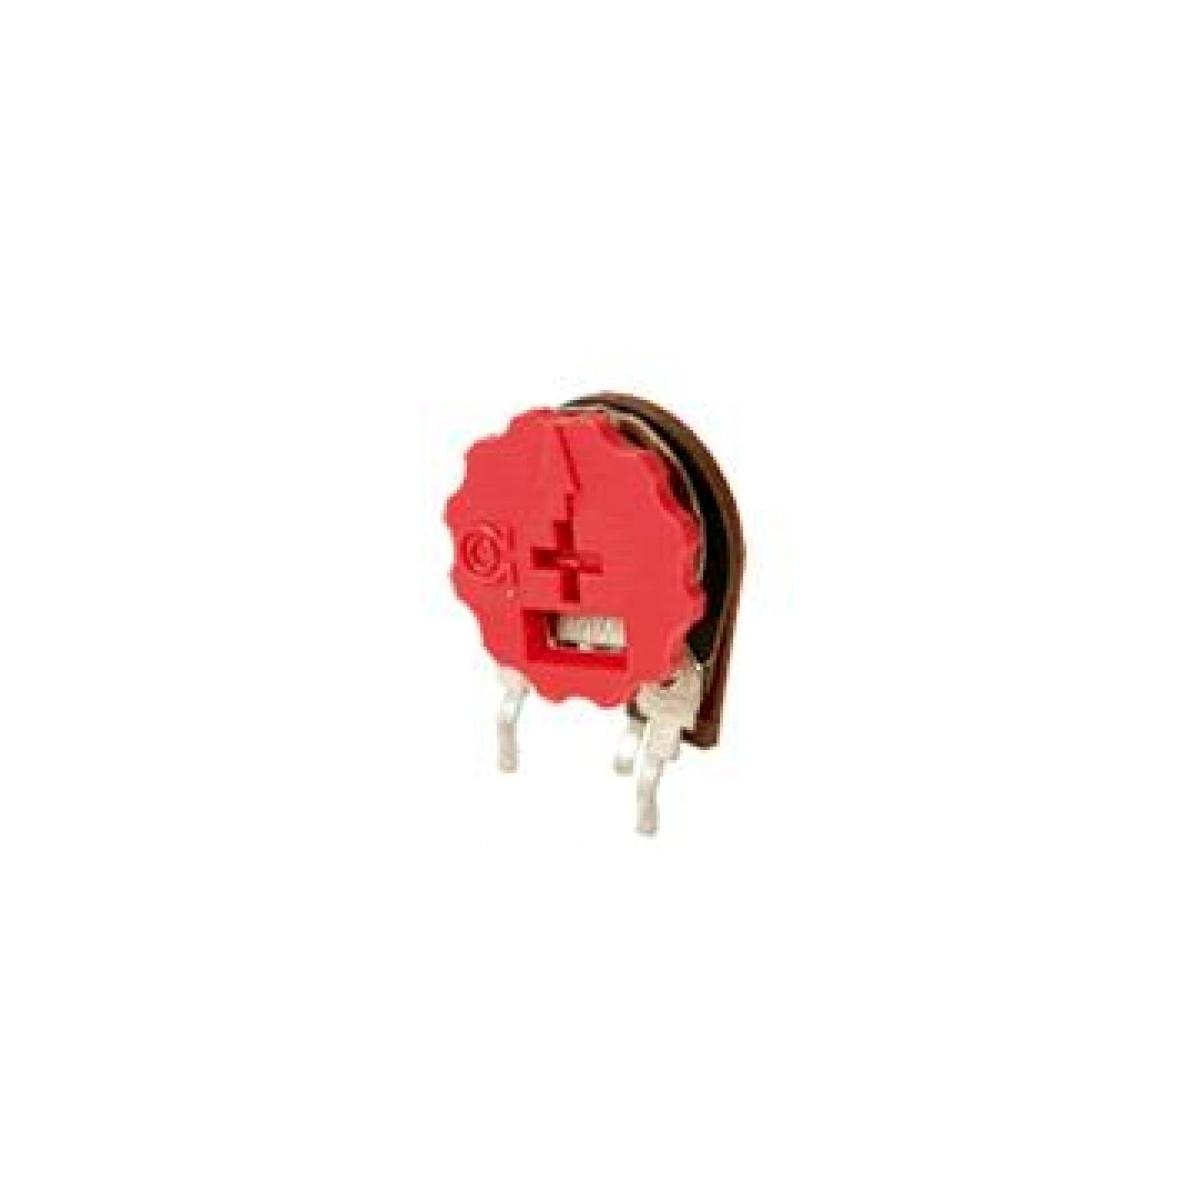 TRIMPOT VERTICAL 14MM COM BOTAO VM-  100 K